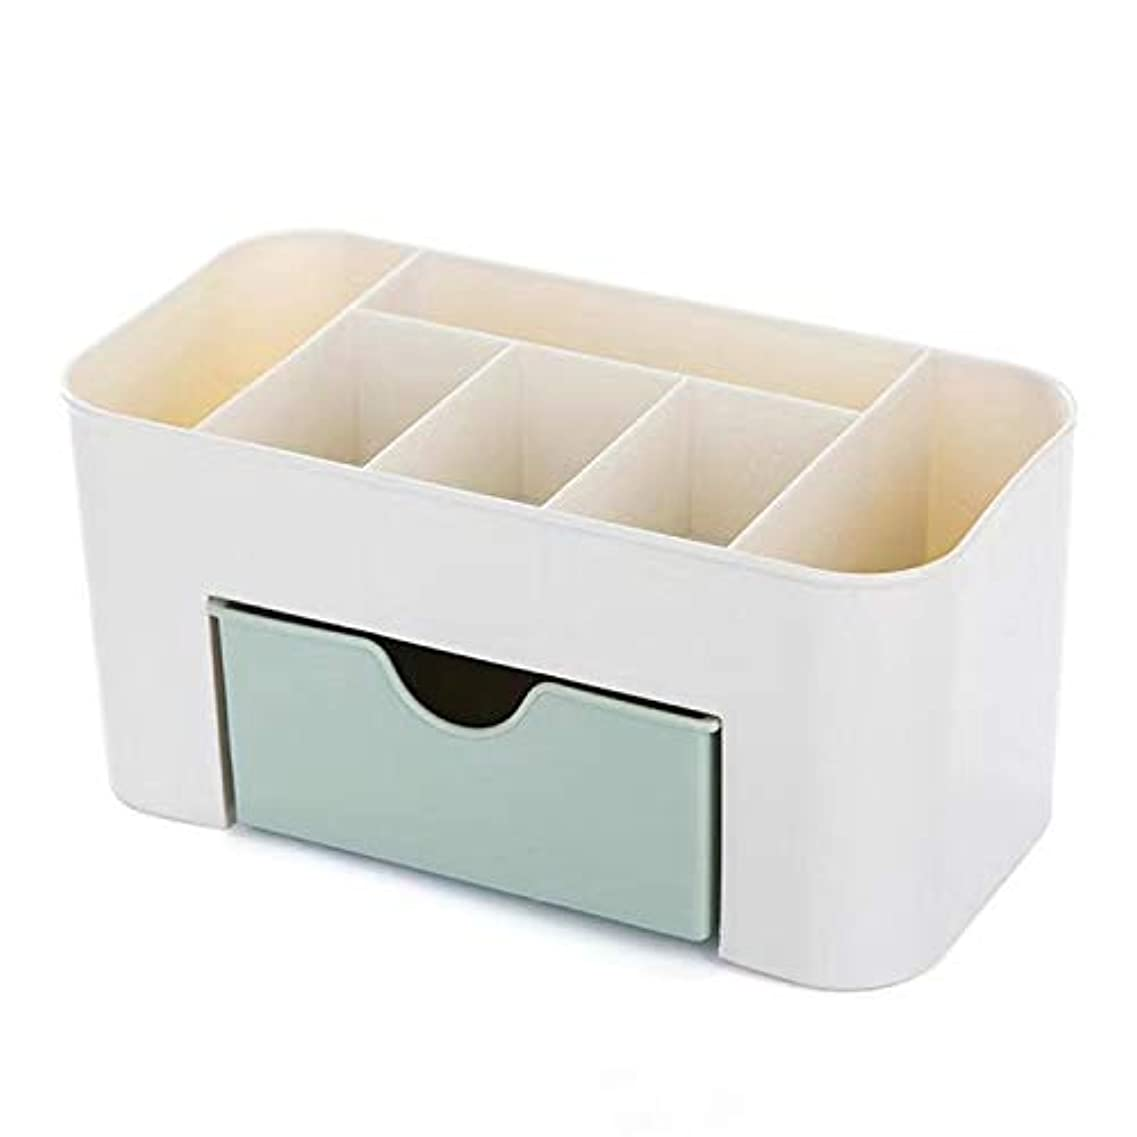 耐えられる常識を必要としていますHJY スタッカブルと防水プラスチック化粧オーガナイザー、事務机文具収納ボックス化粧品ホルダー、大容量ジュエリーディスプレイケース (みどり)